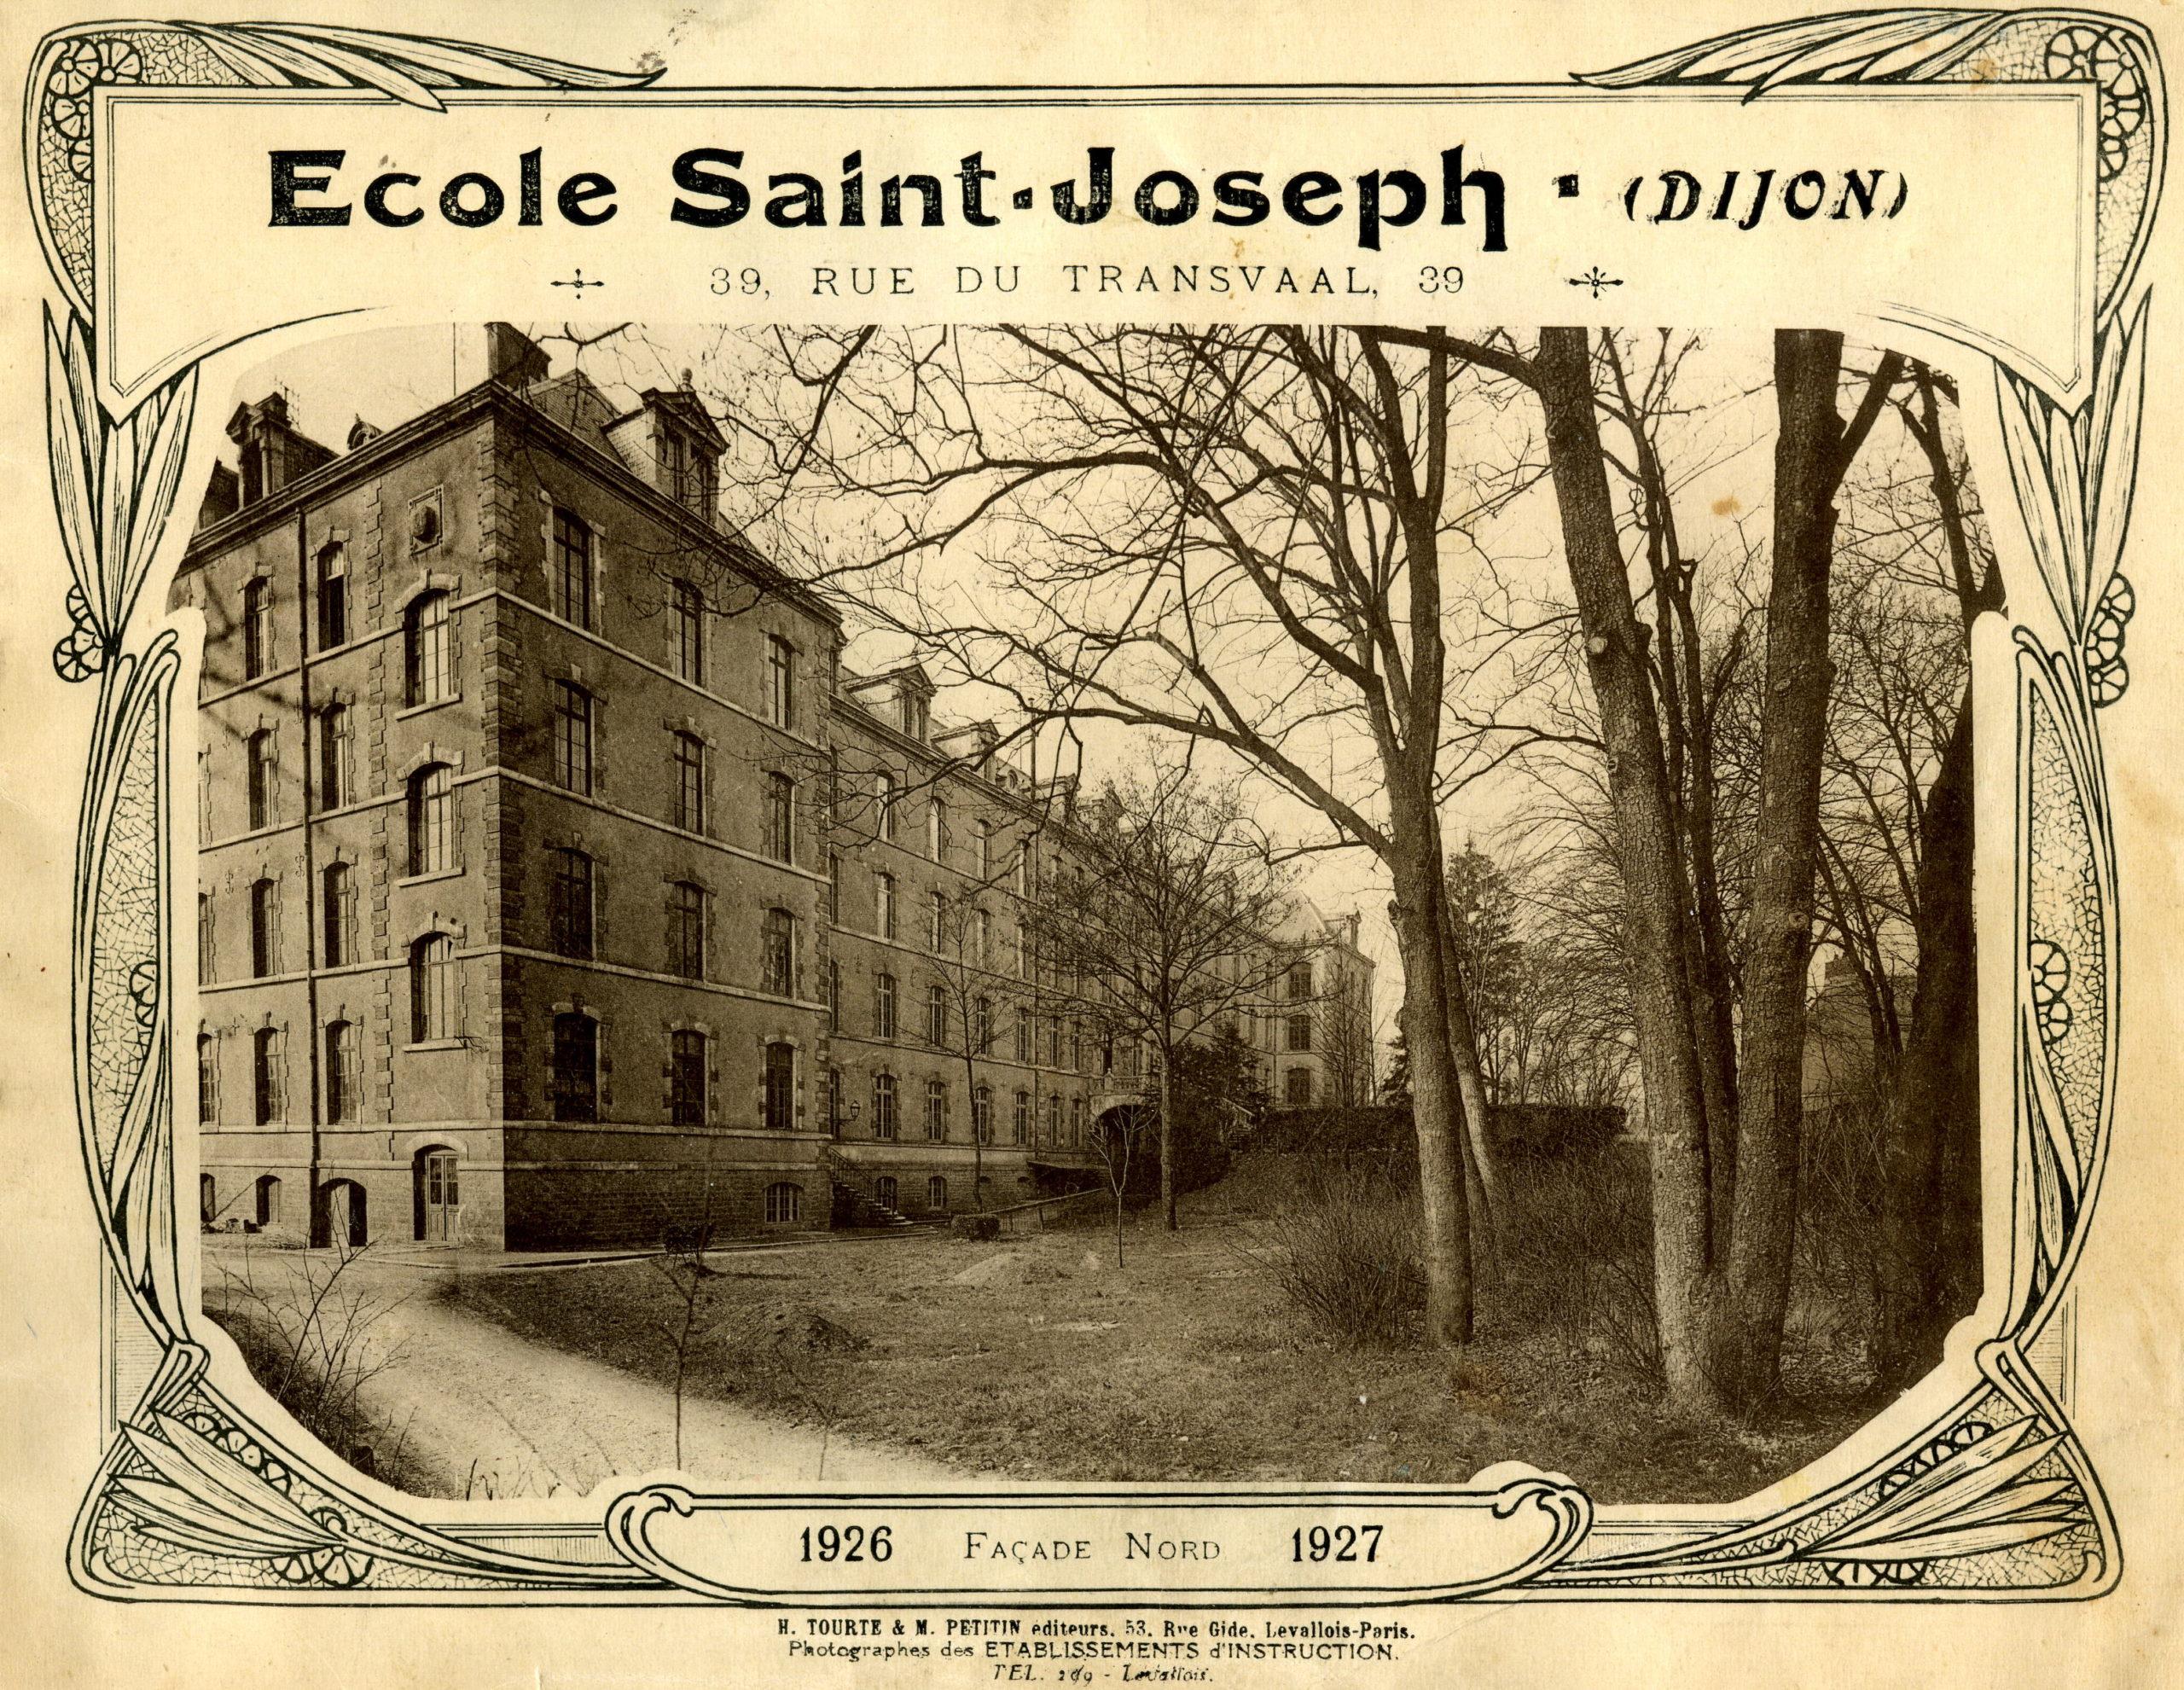 facade nord 1927